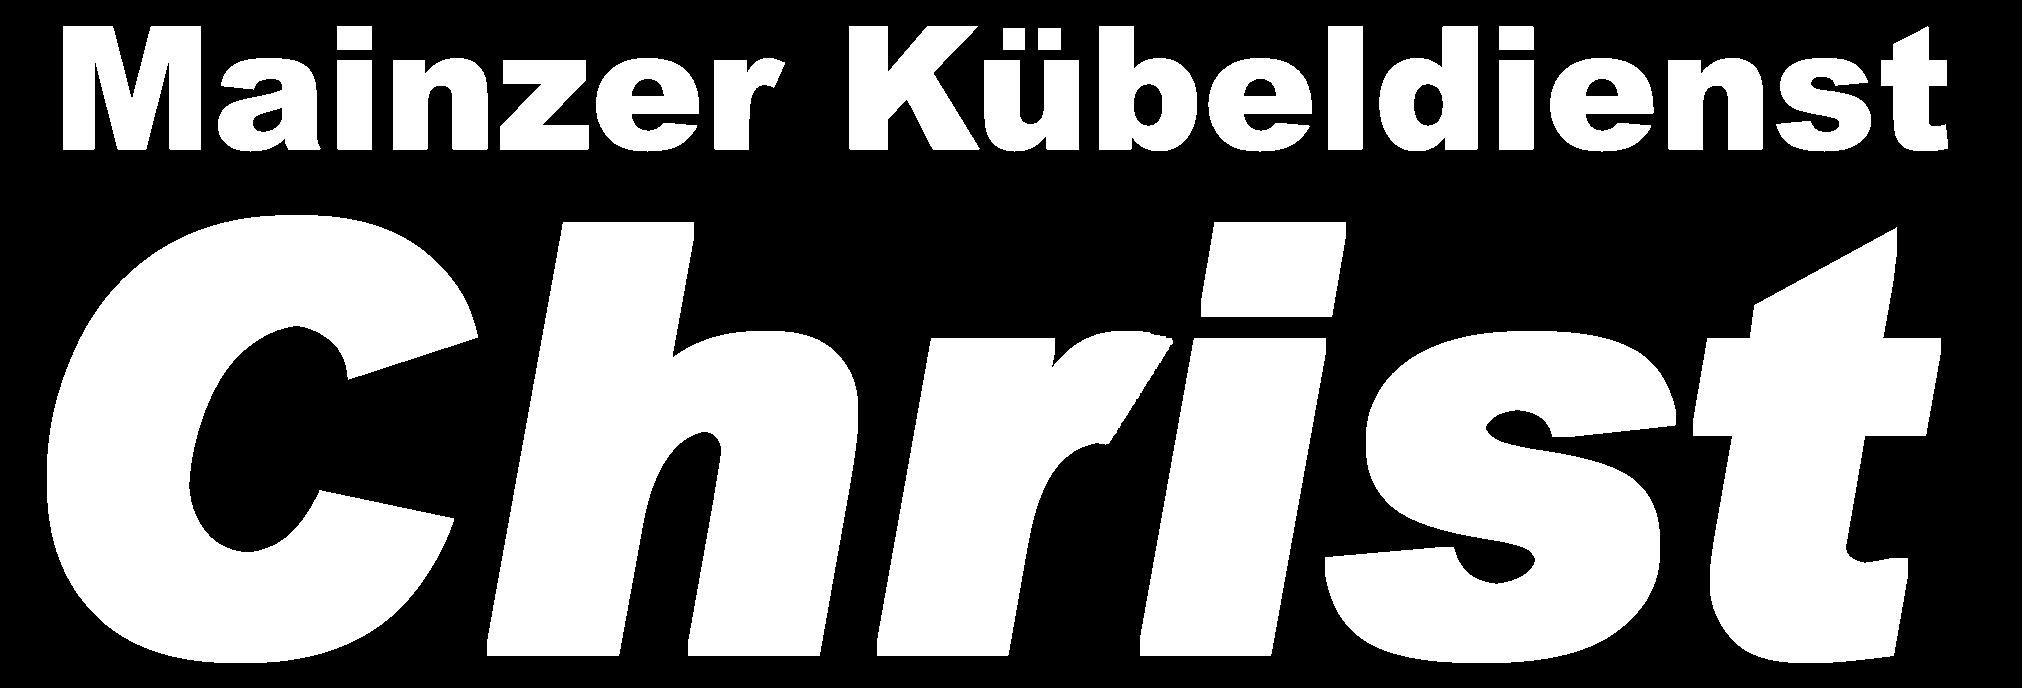 Mainzer Kübeldienst Christ OHG